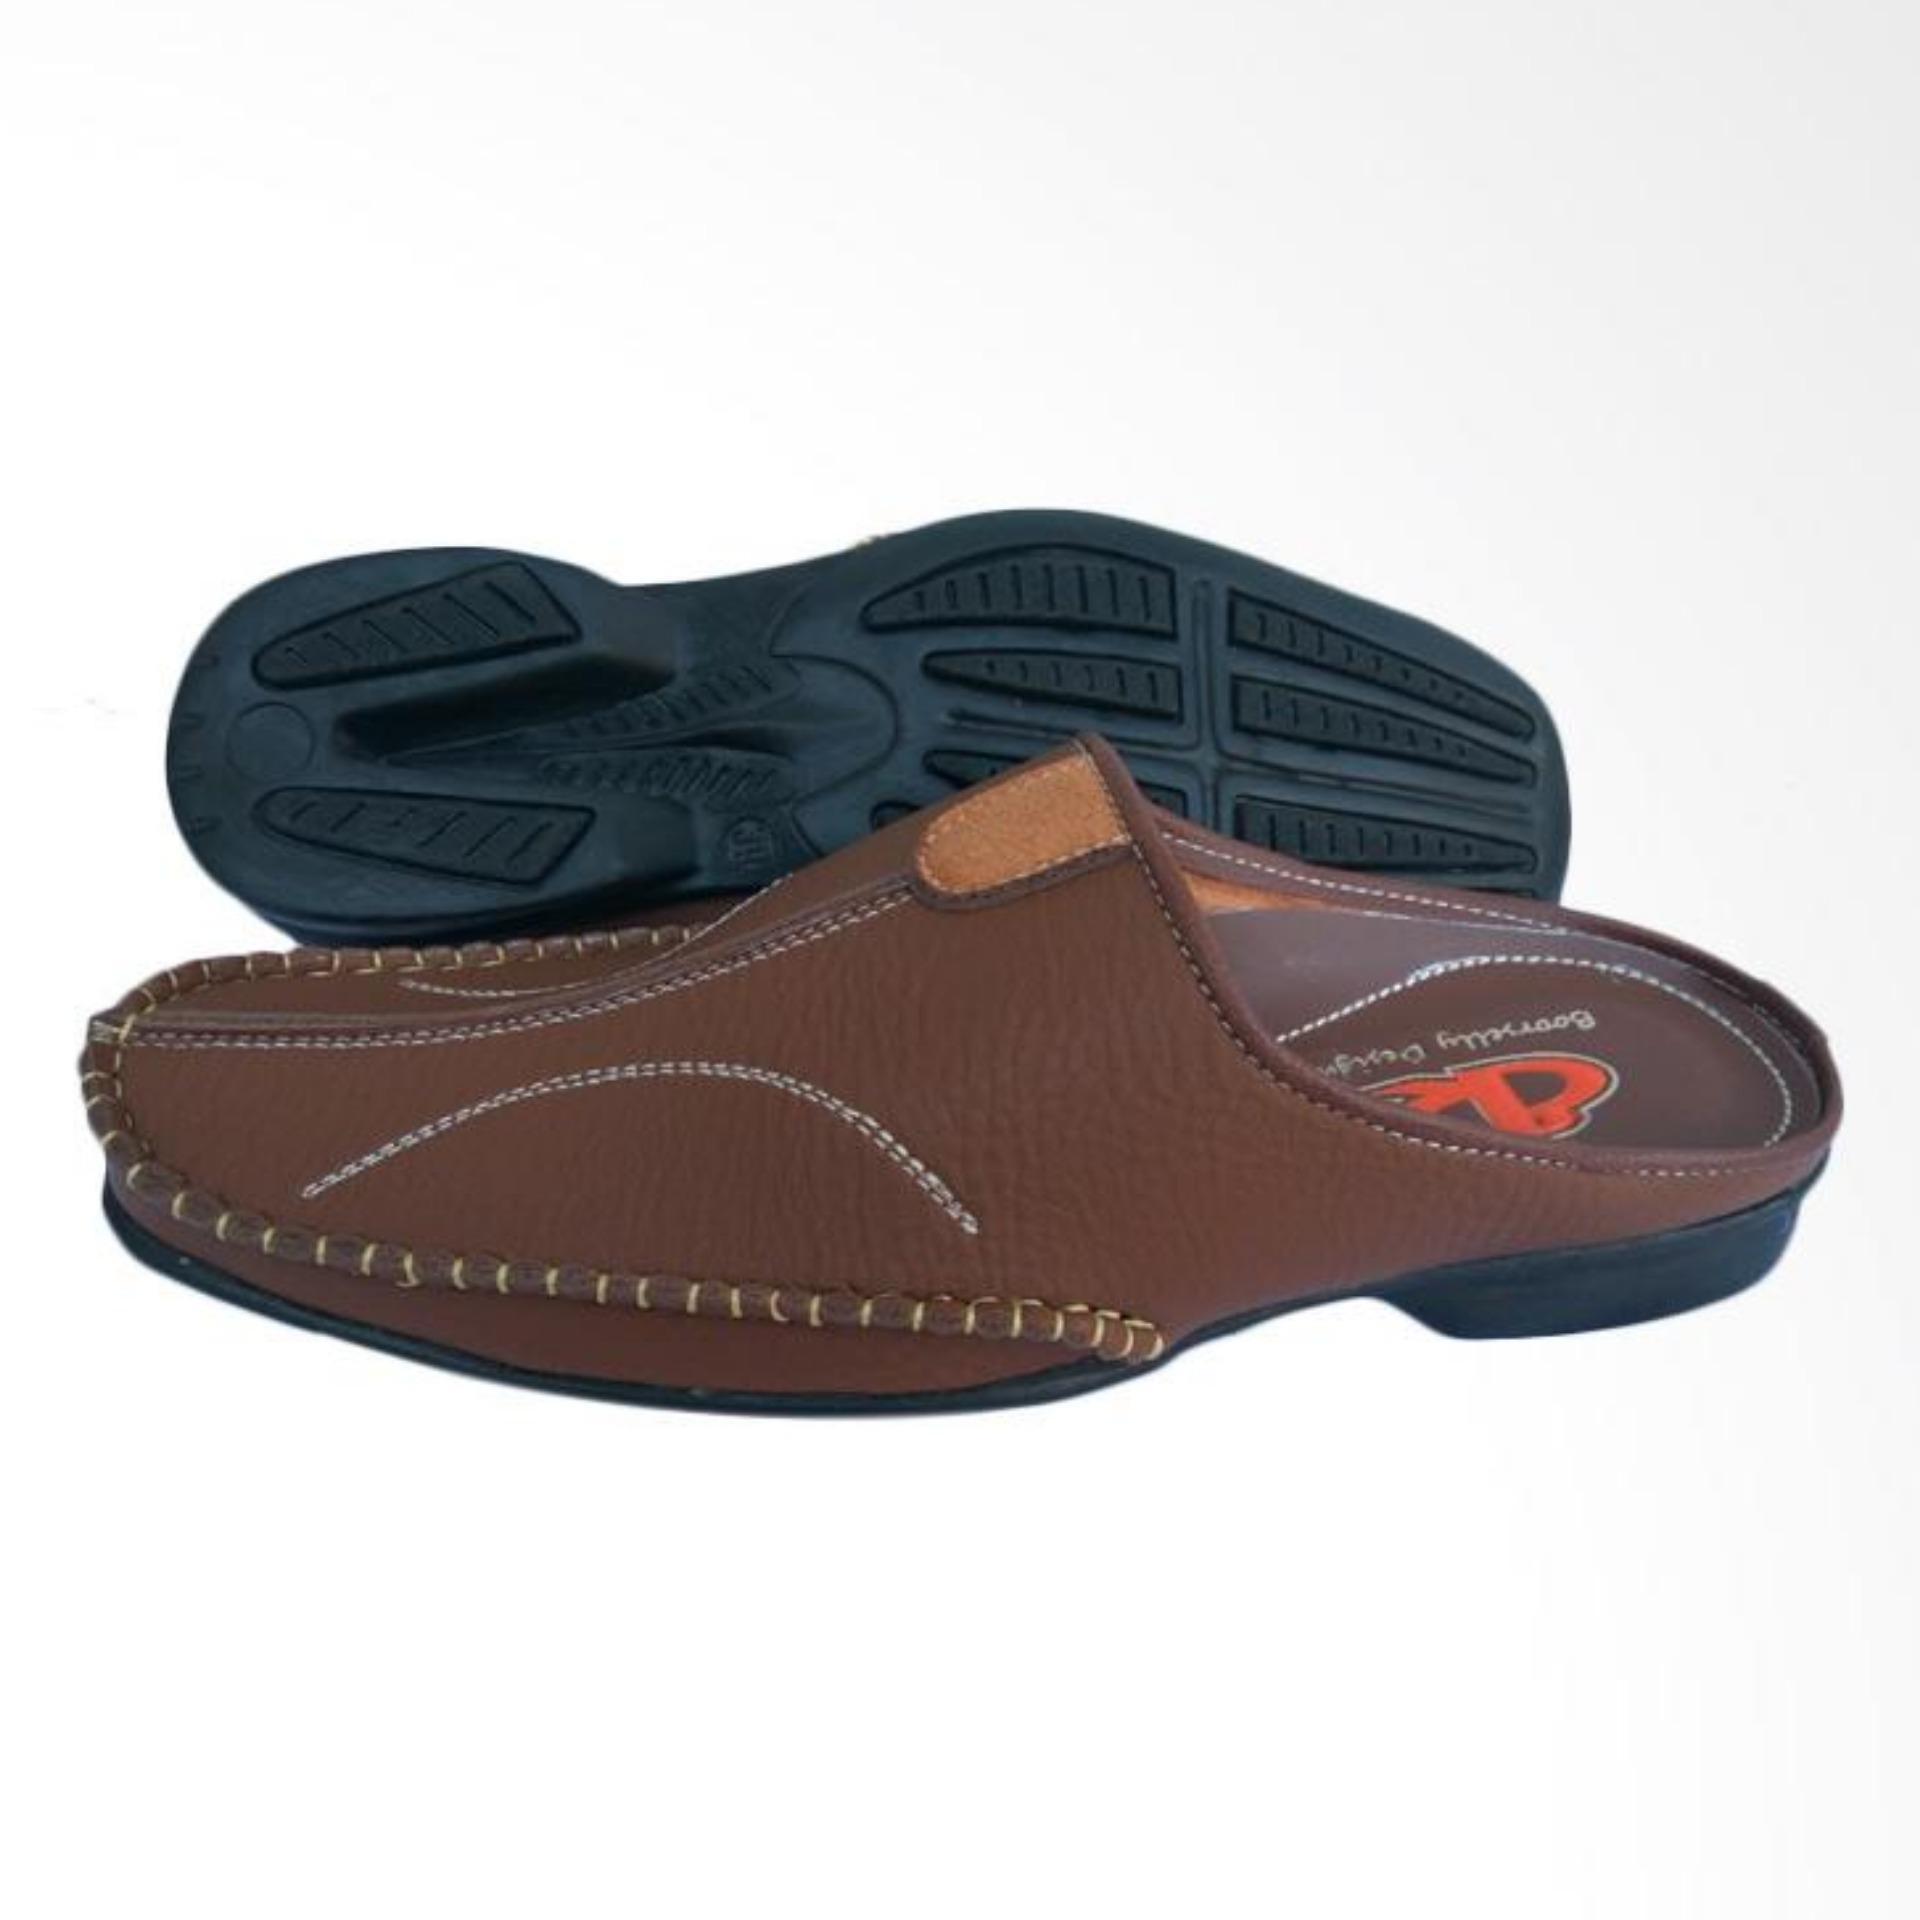 Toko Arsy Sport Sepatu Pria Formal Sandal Pria Bustong Tan Online